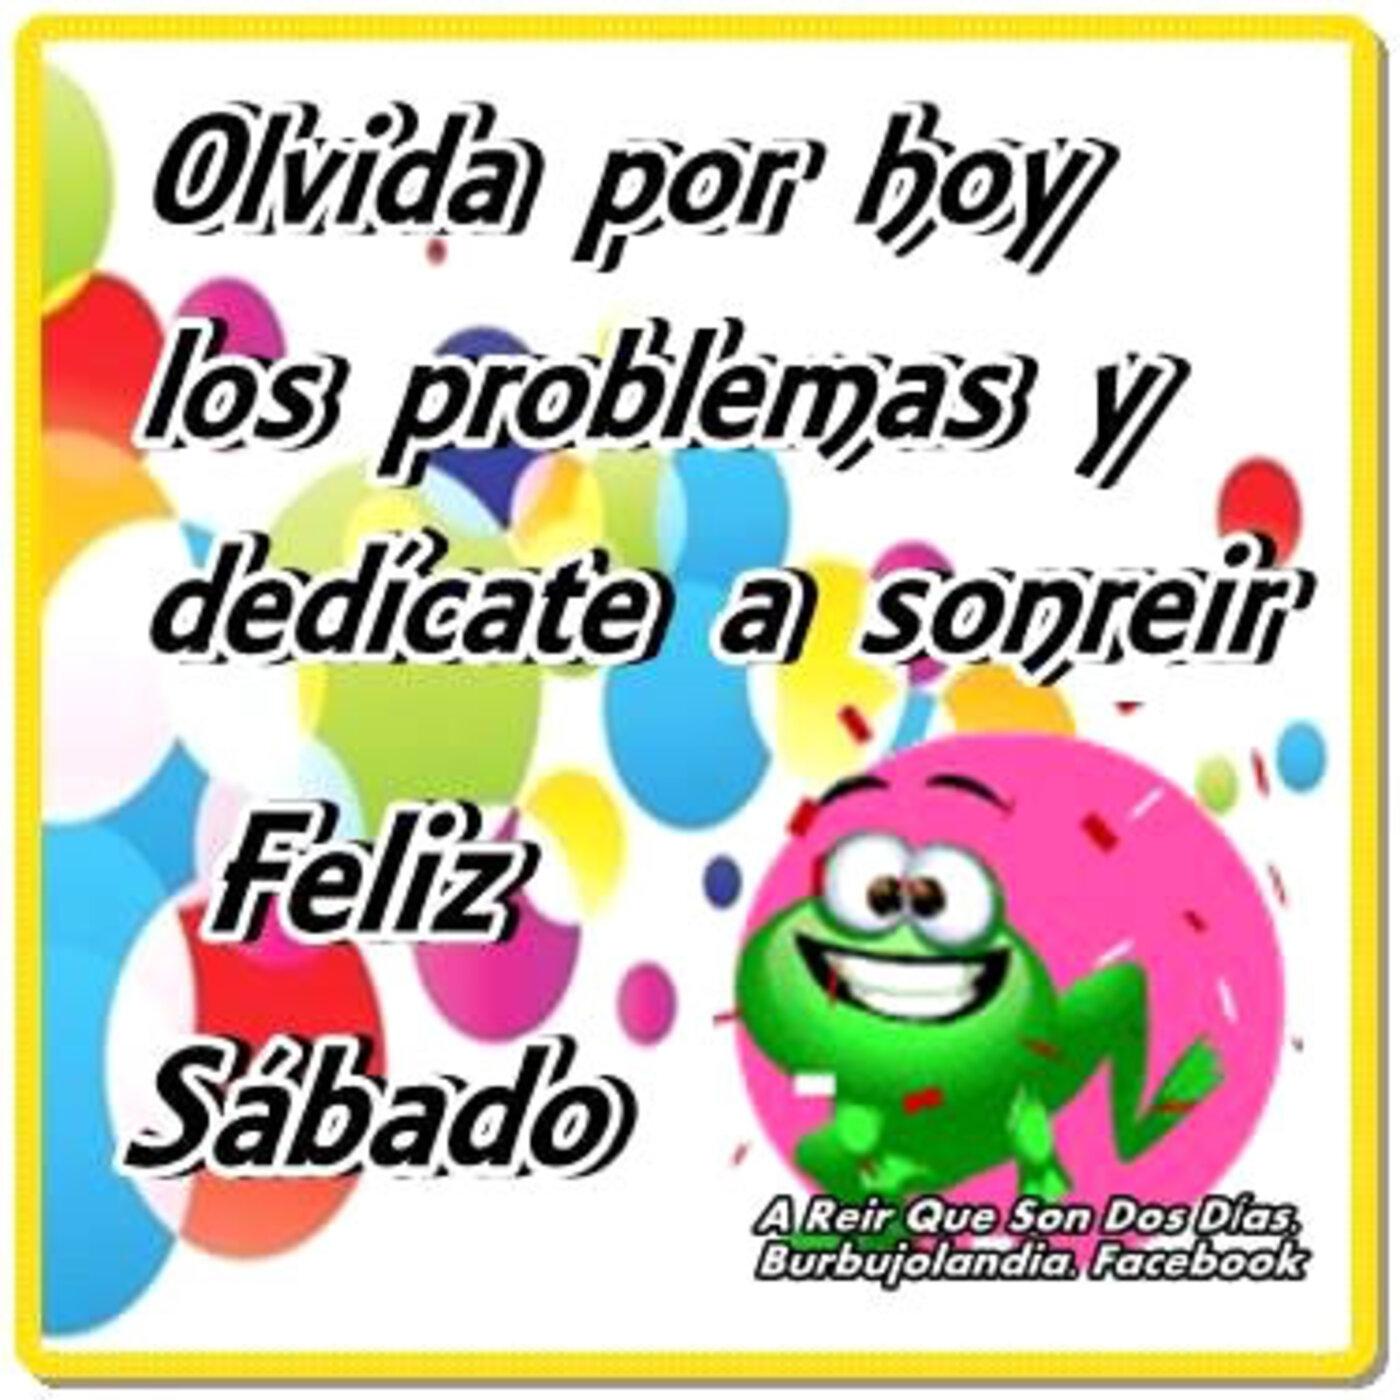 Olvida por hoy los problemas y dedicate a sonreír! Feliz sábado